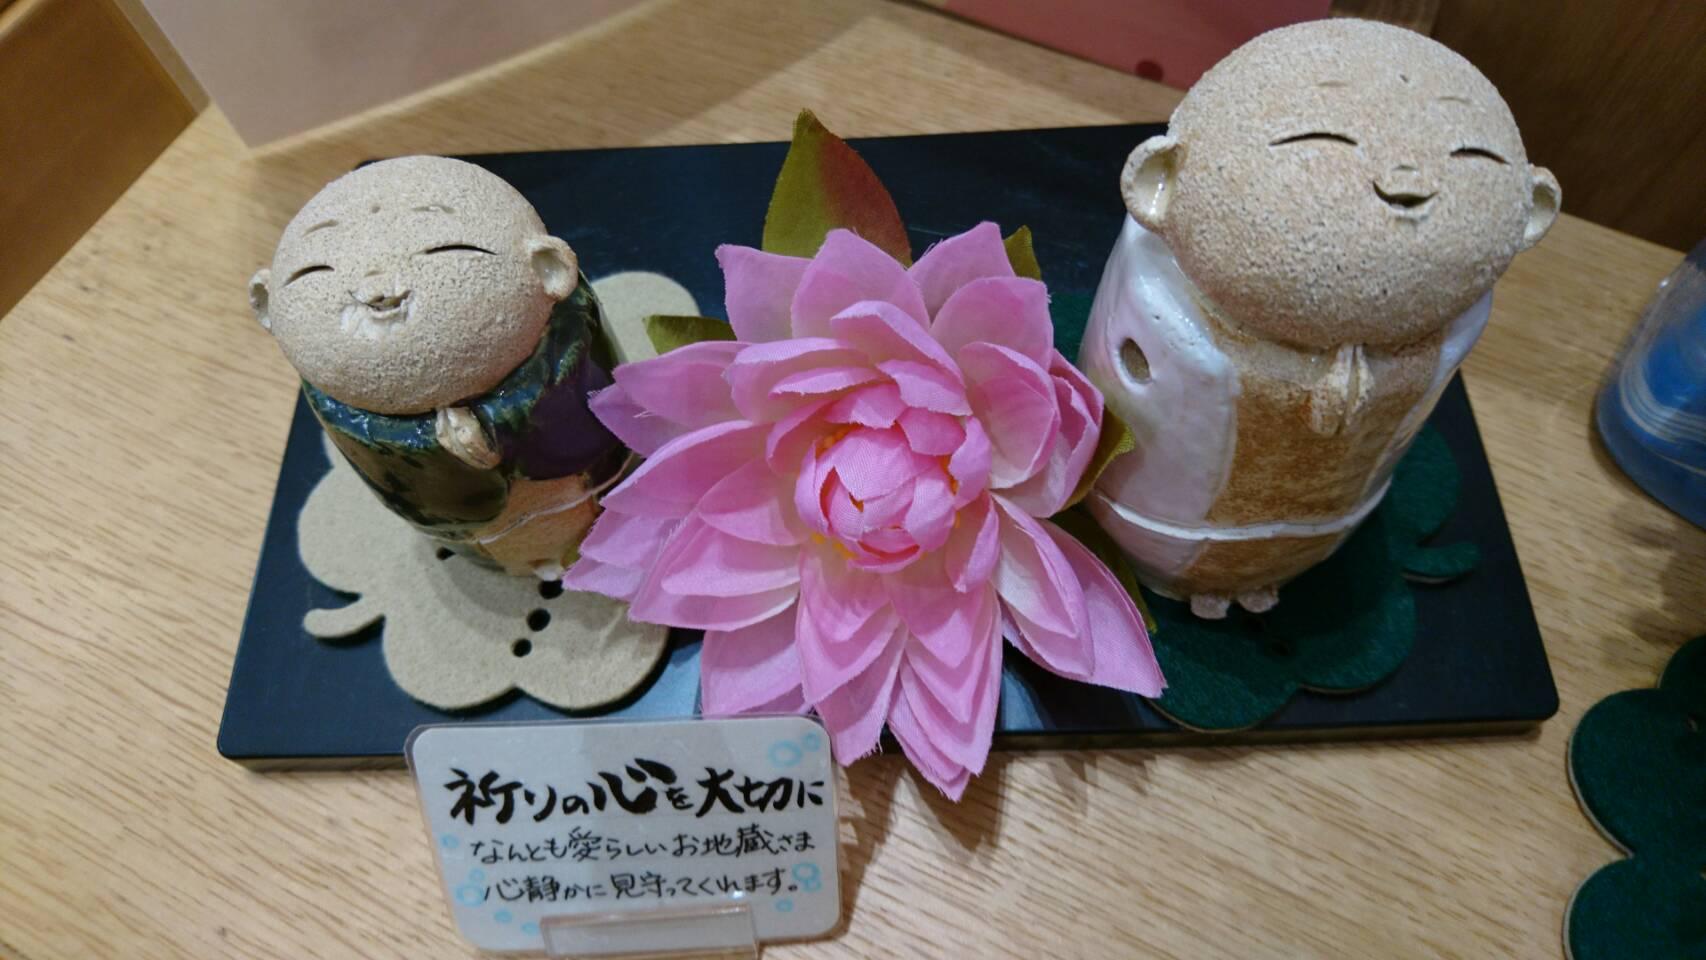 ふくば 福島 仏壇 写真ギャラリー画像37